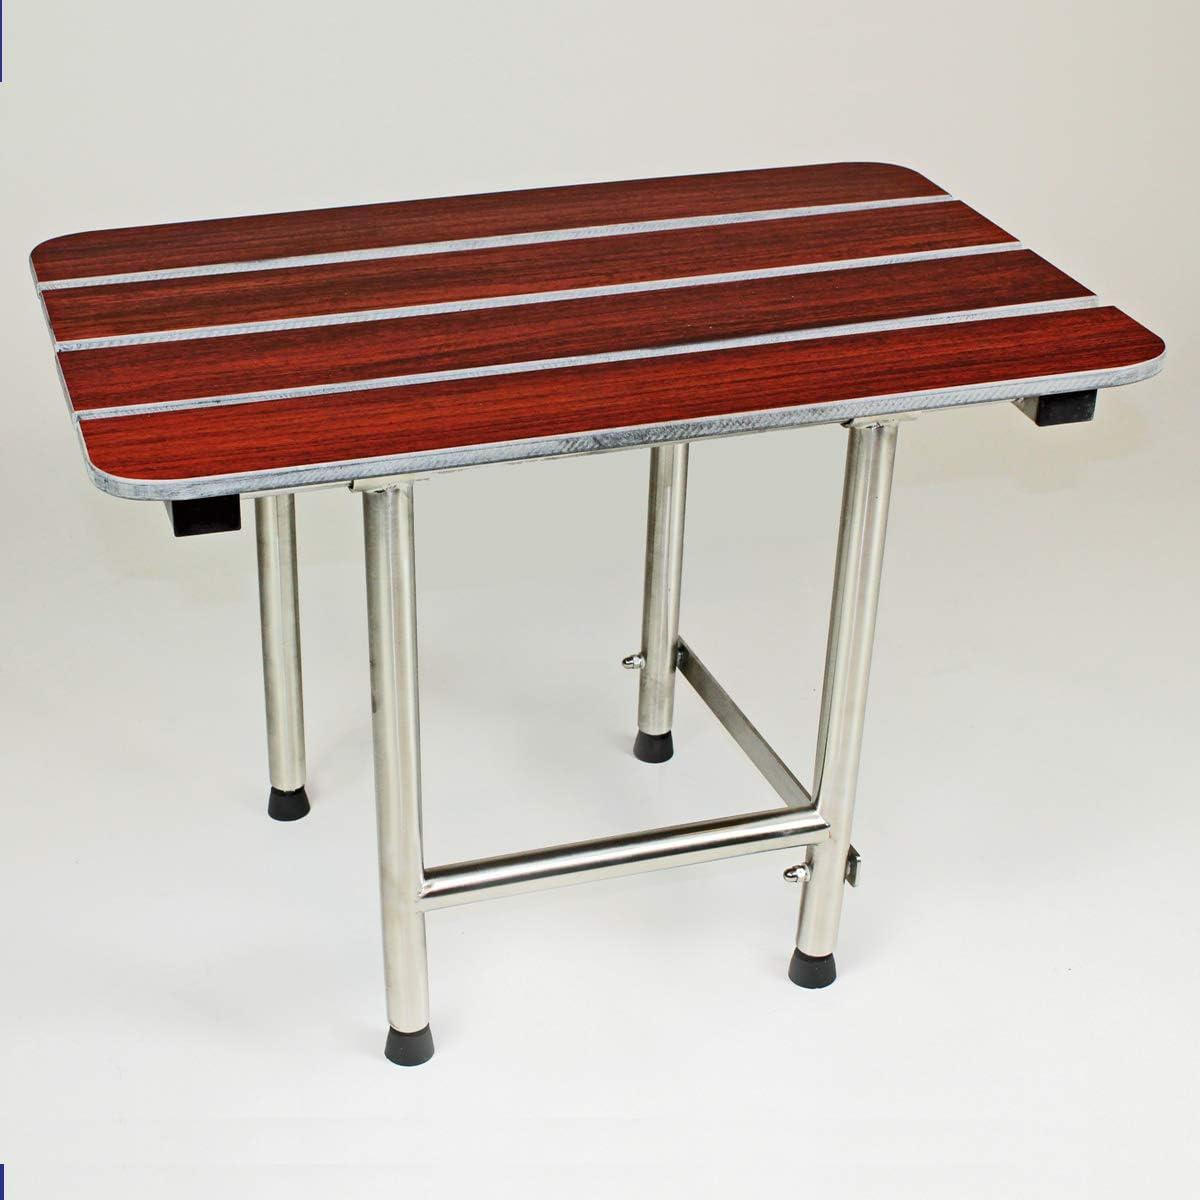 B00CY7HN2K CSI Bathware SEA-SD2216-NH-PW ADA Bathroom Shower Bath Seat, Folding, Wall-Mounted, Rectangular, Phenolic Wood Seat, 22-Inch by 16-Inch 71Sffb2B2BxPL.SL1200_